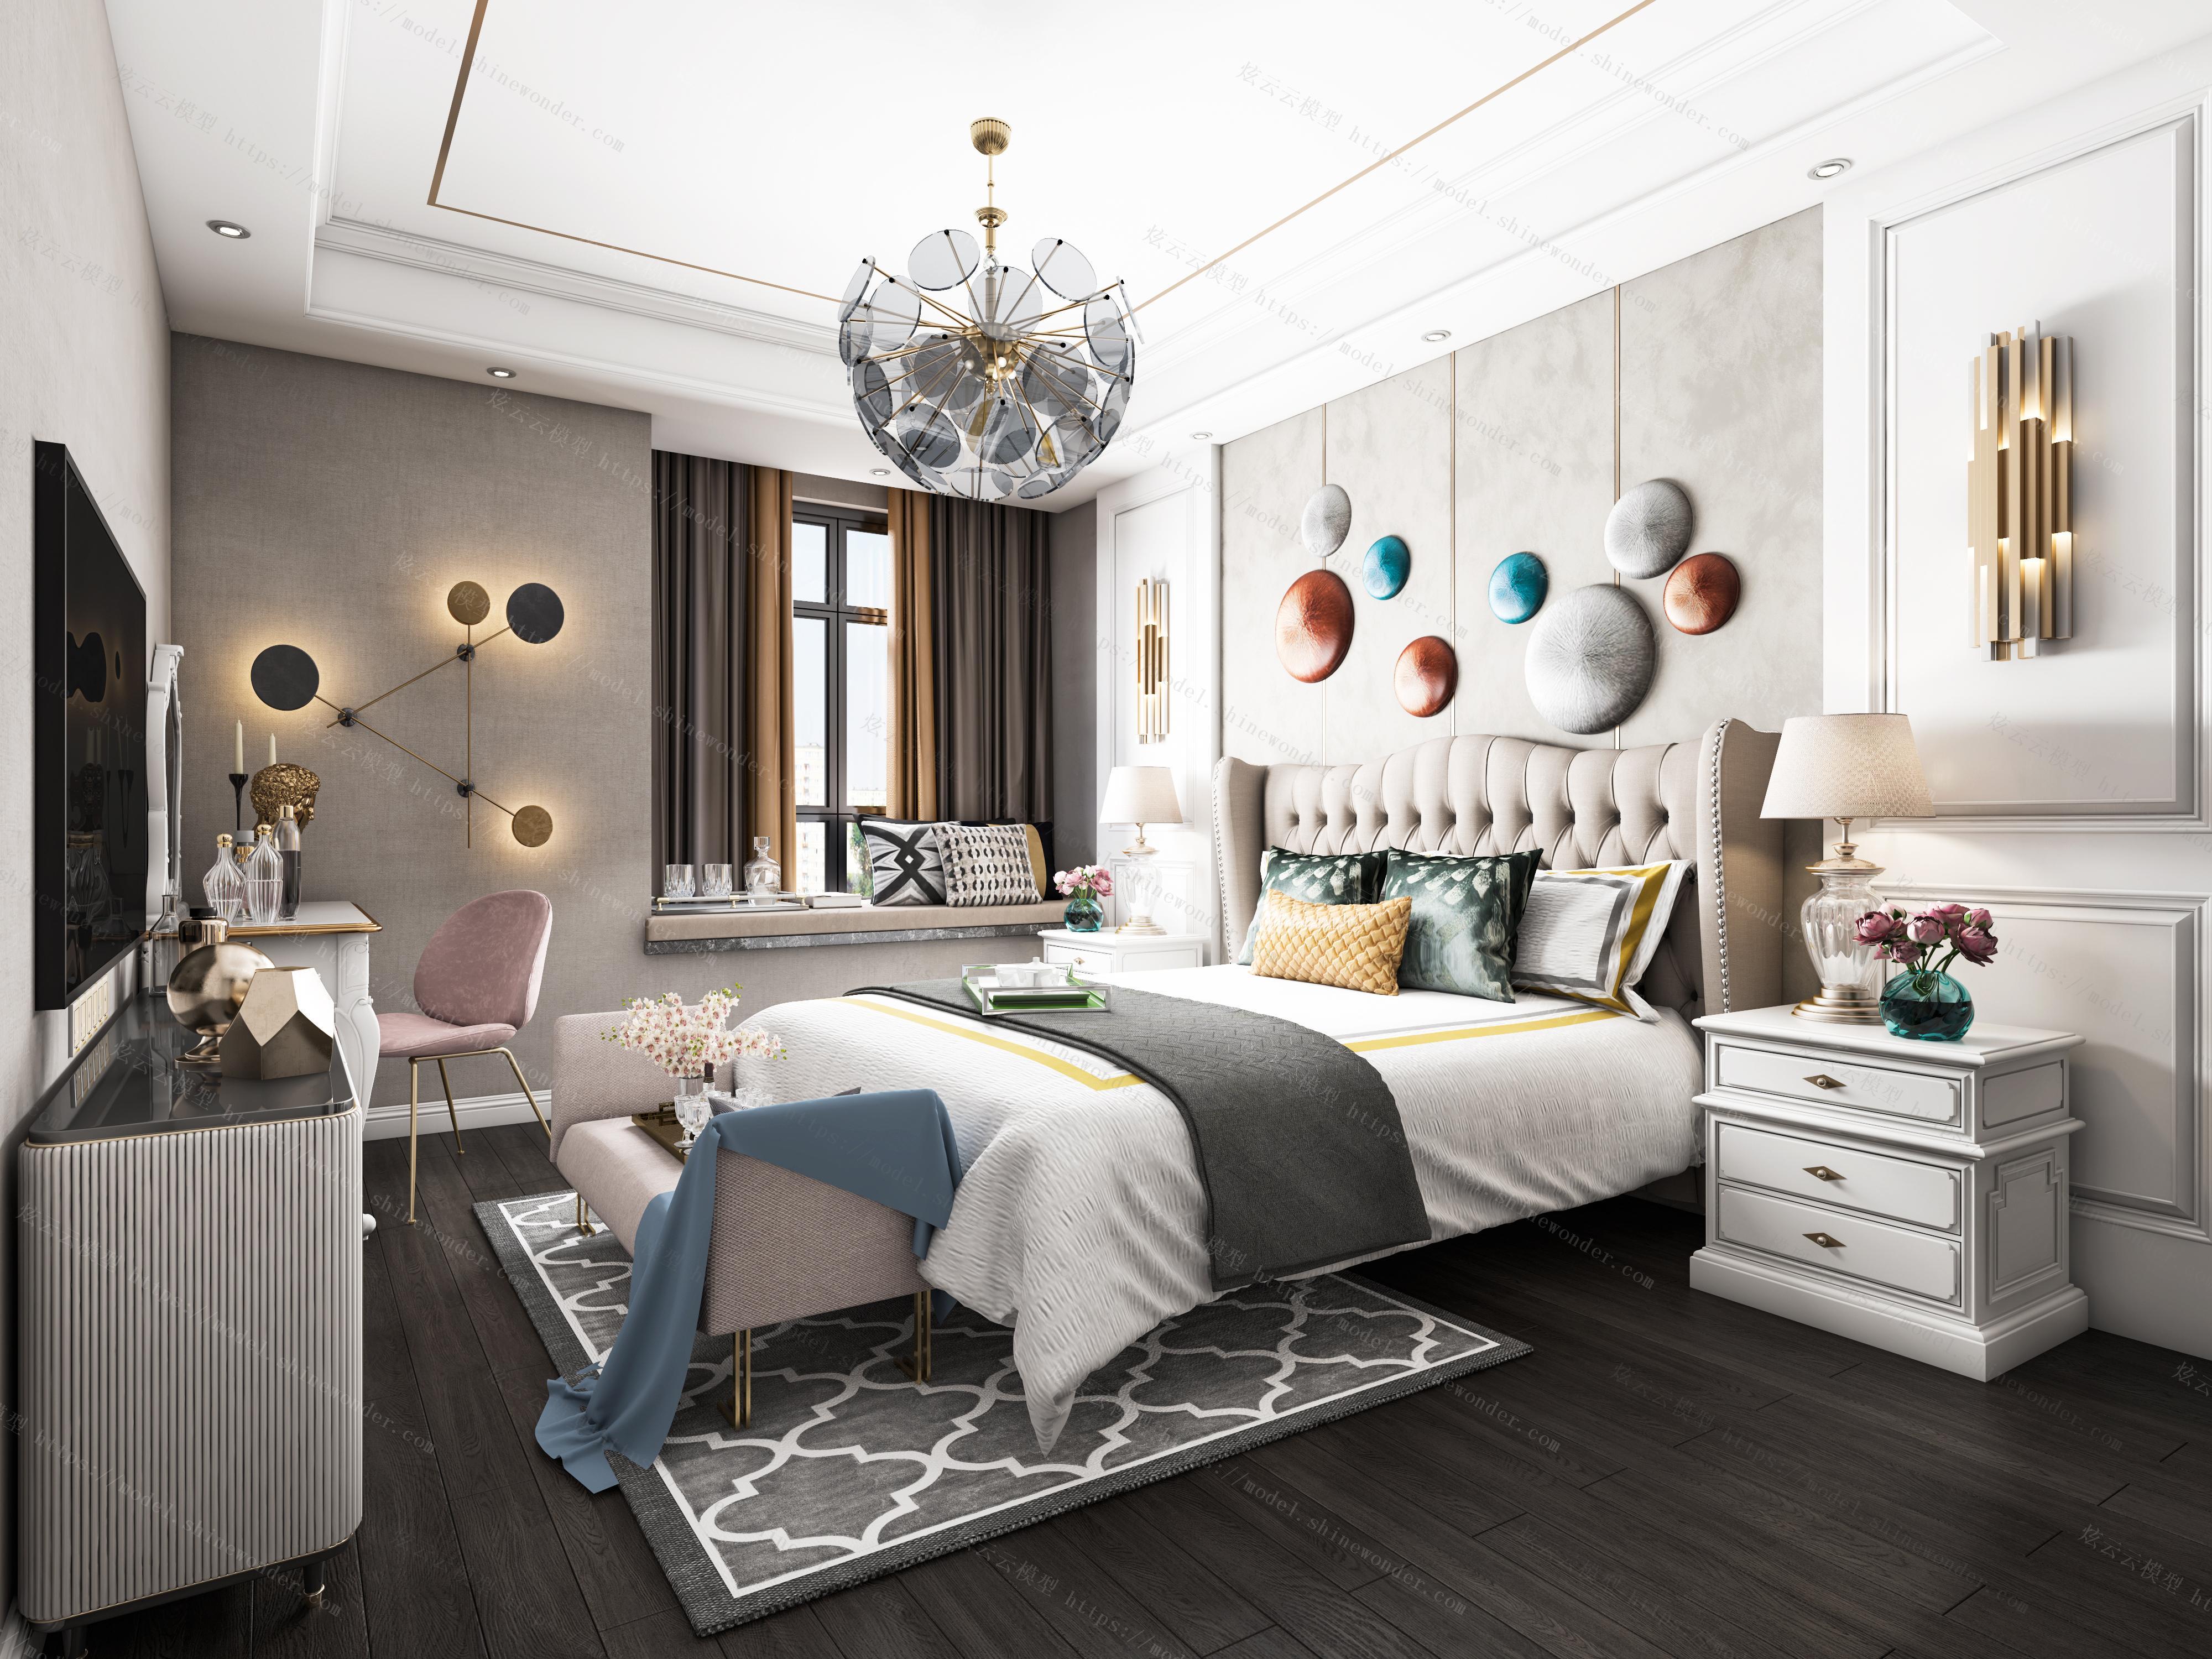 简欧轻奢卧室全景模型